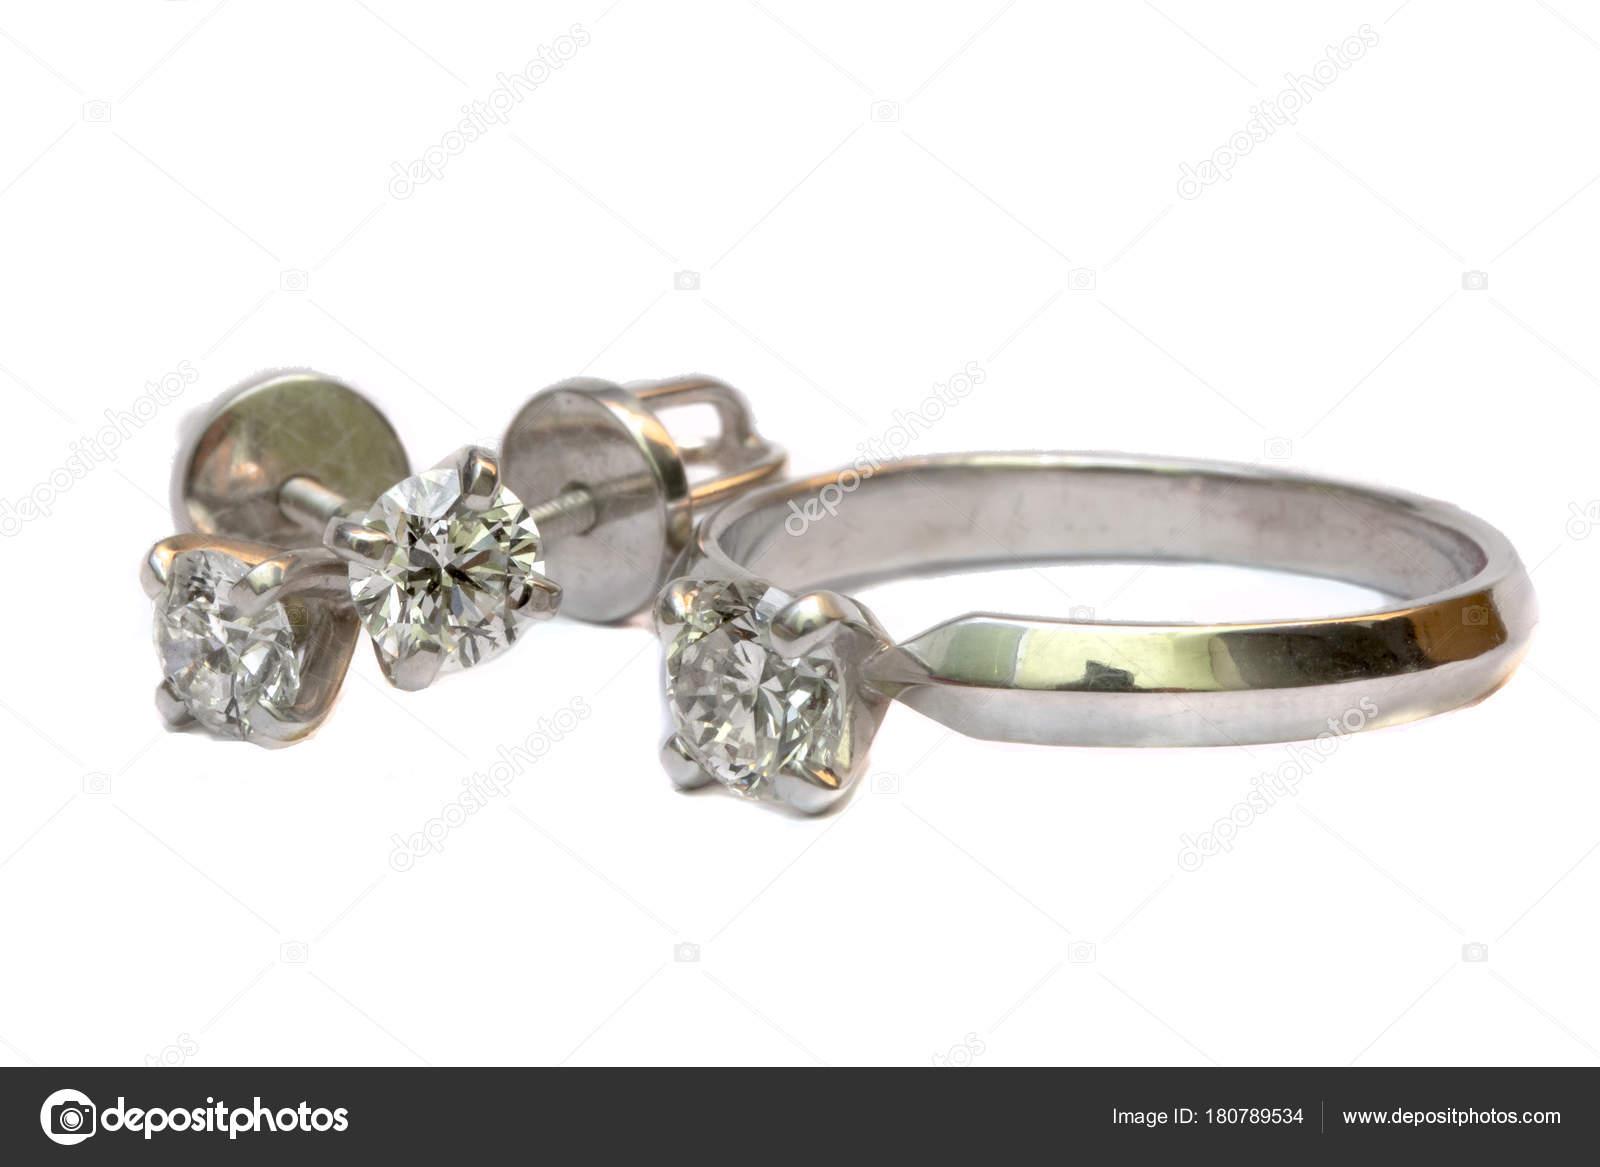 0a45ea7ad Prsten s diamantem a diamantové náušnice, šperky na bílém pozadí. Luxusní  diamantový snubní prsten a náušnice diamond izolované na bílém– stock  obrázky